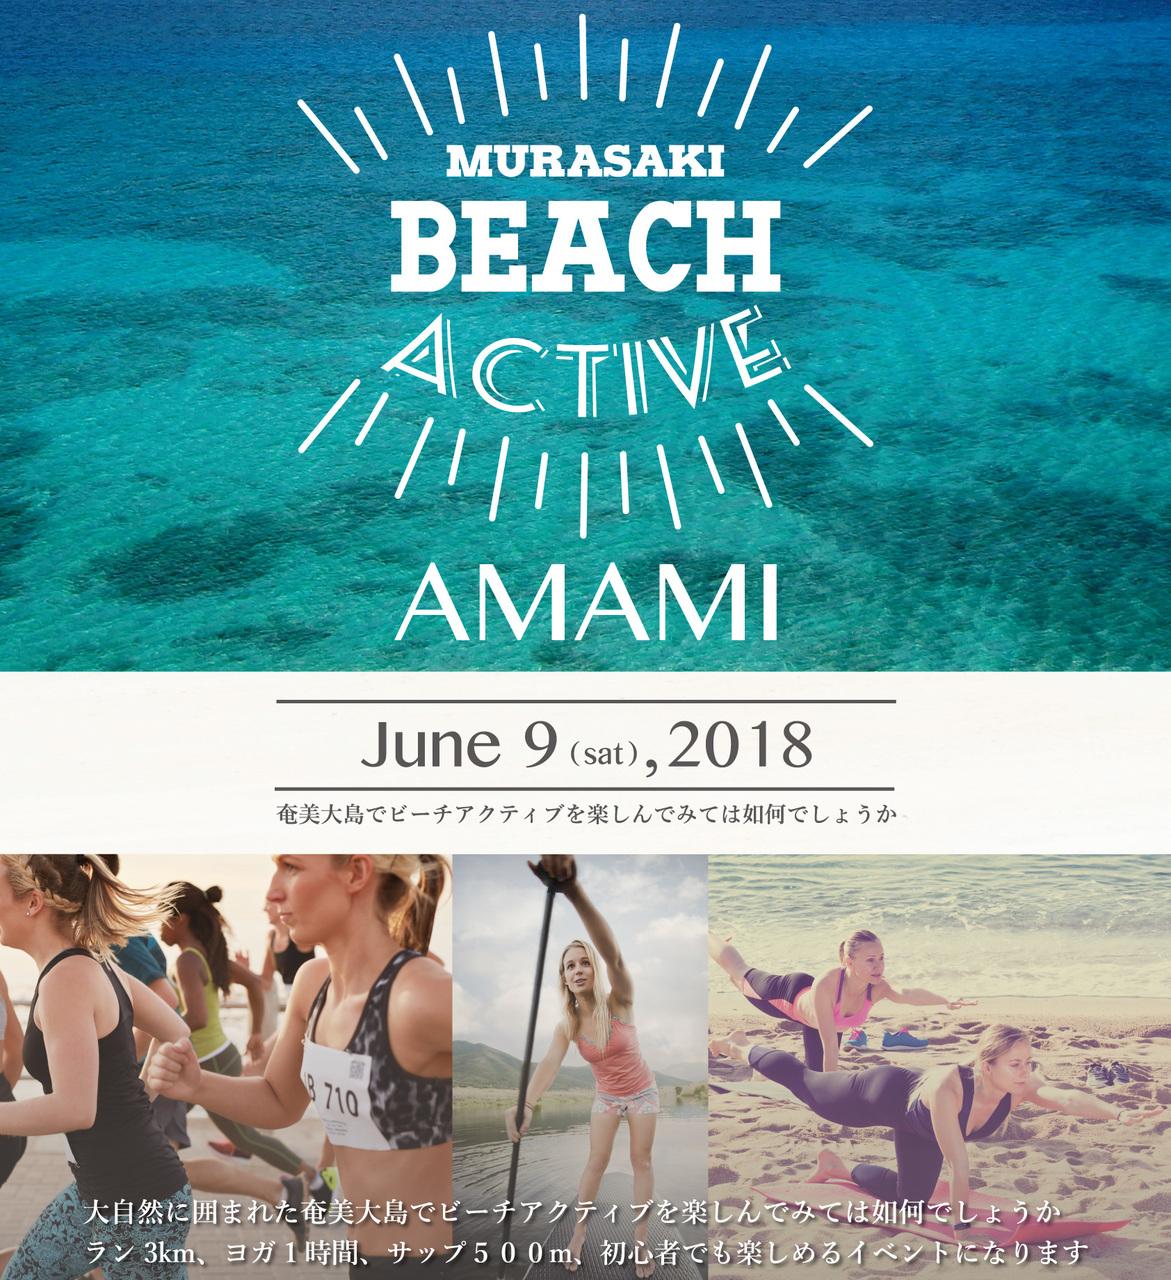 【鹿児島県在住の方限定】MURASAKI BEACH ACTIVE 2018 in AMAMI